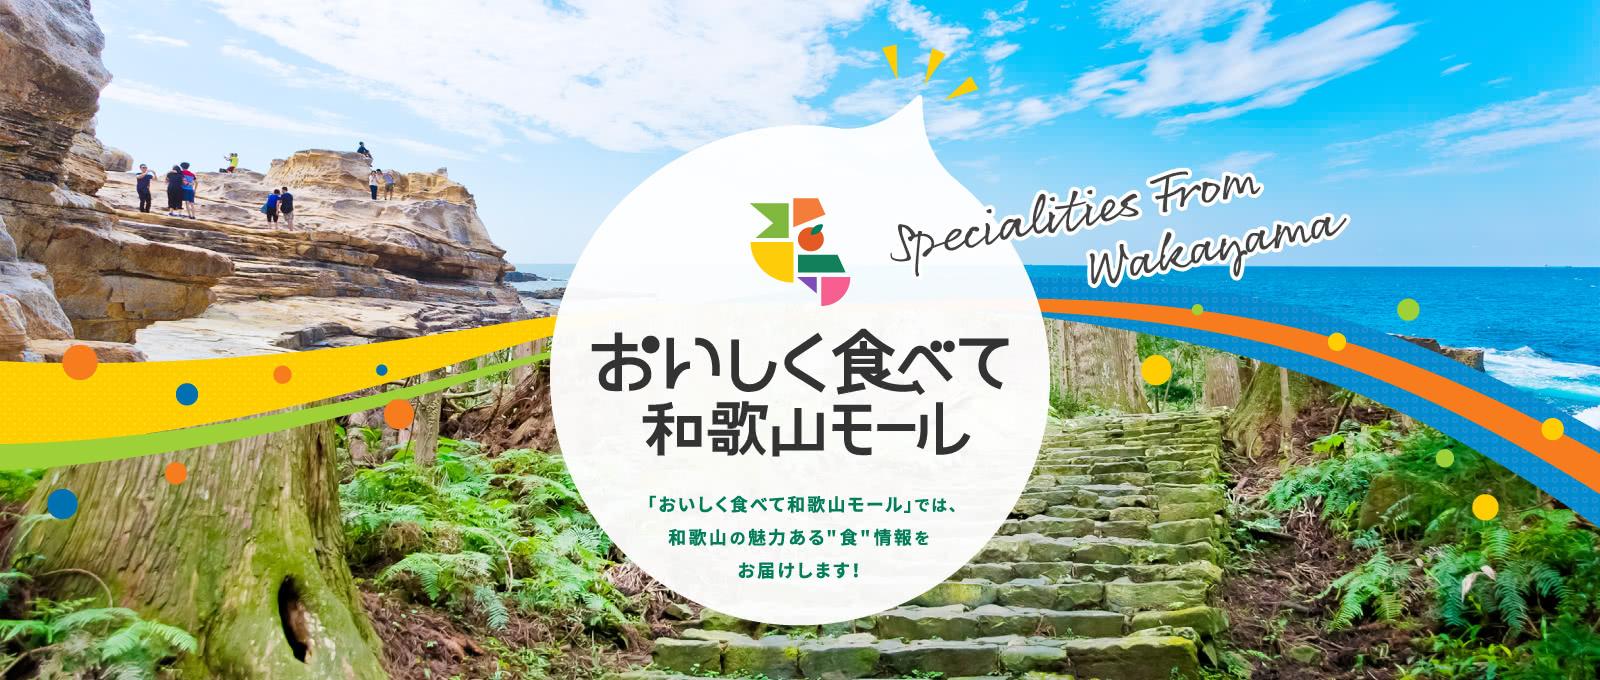 おいしく食べて和歌山モール おいしく食べて和歌山モールでは和歌山の「安心」で「おいしい」情報をお届けします!